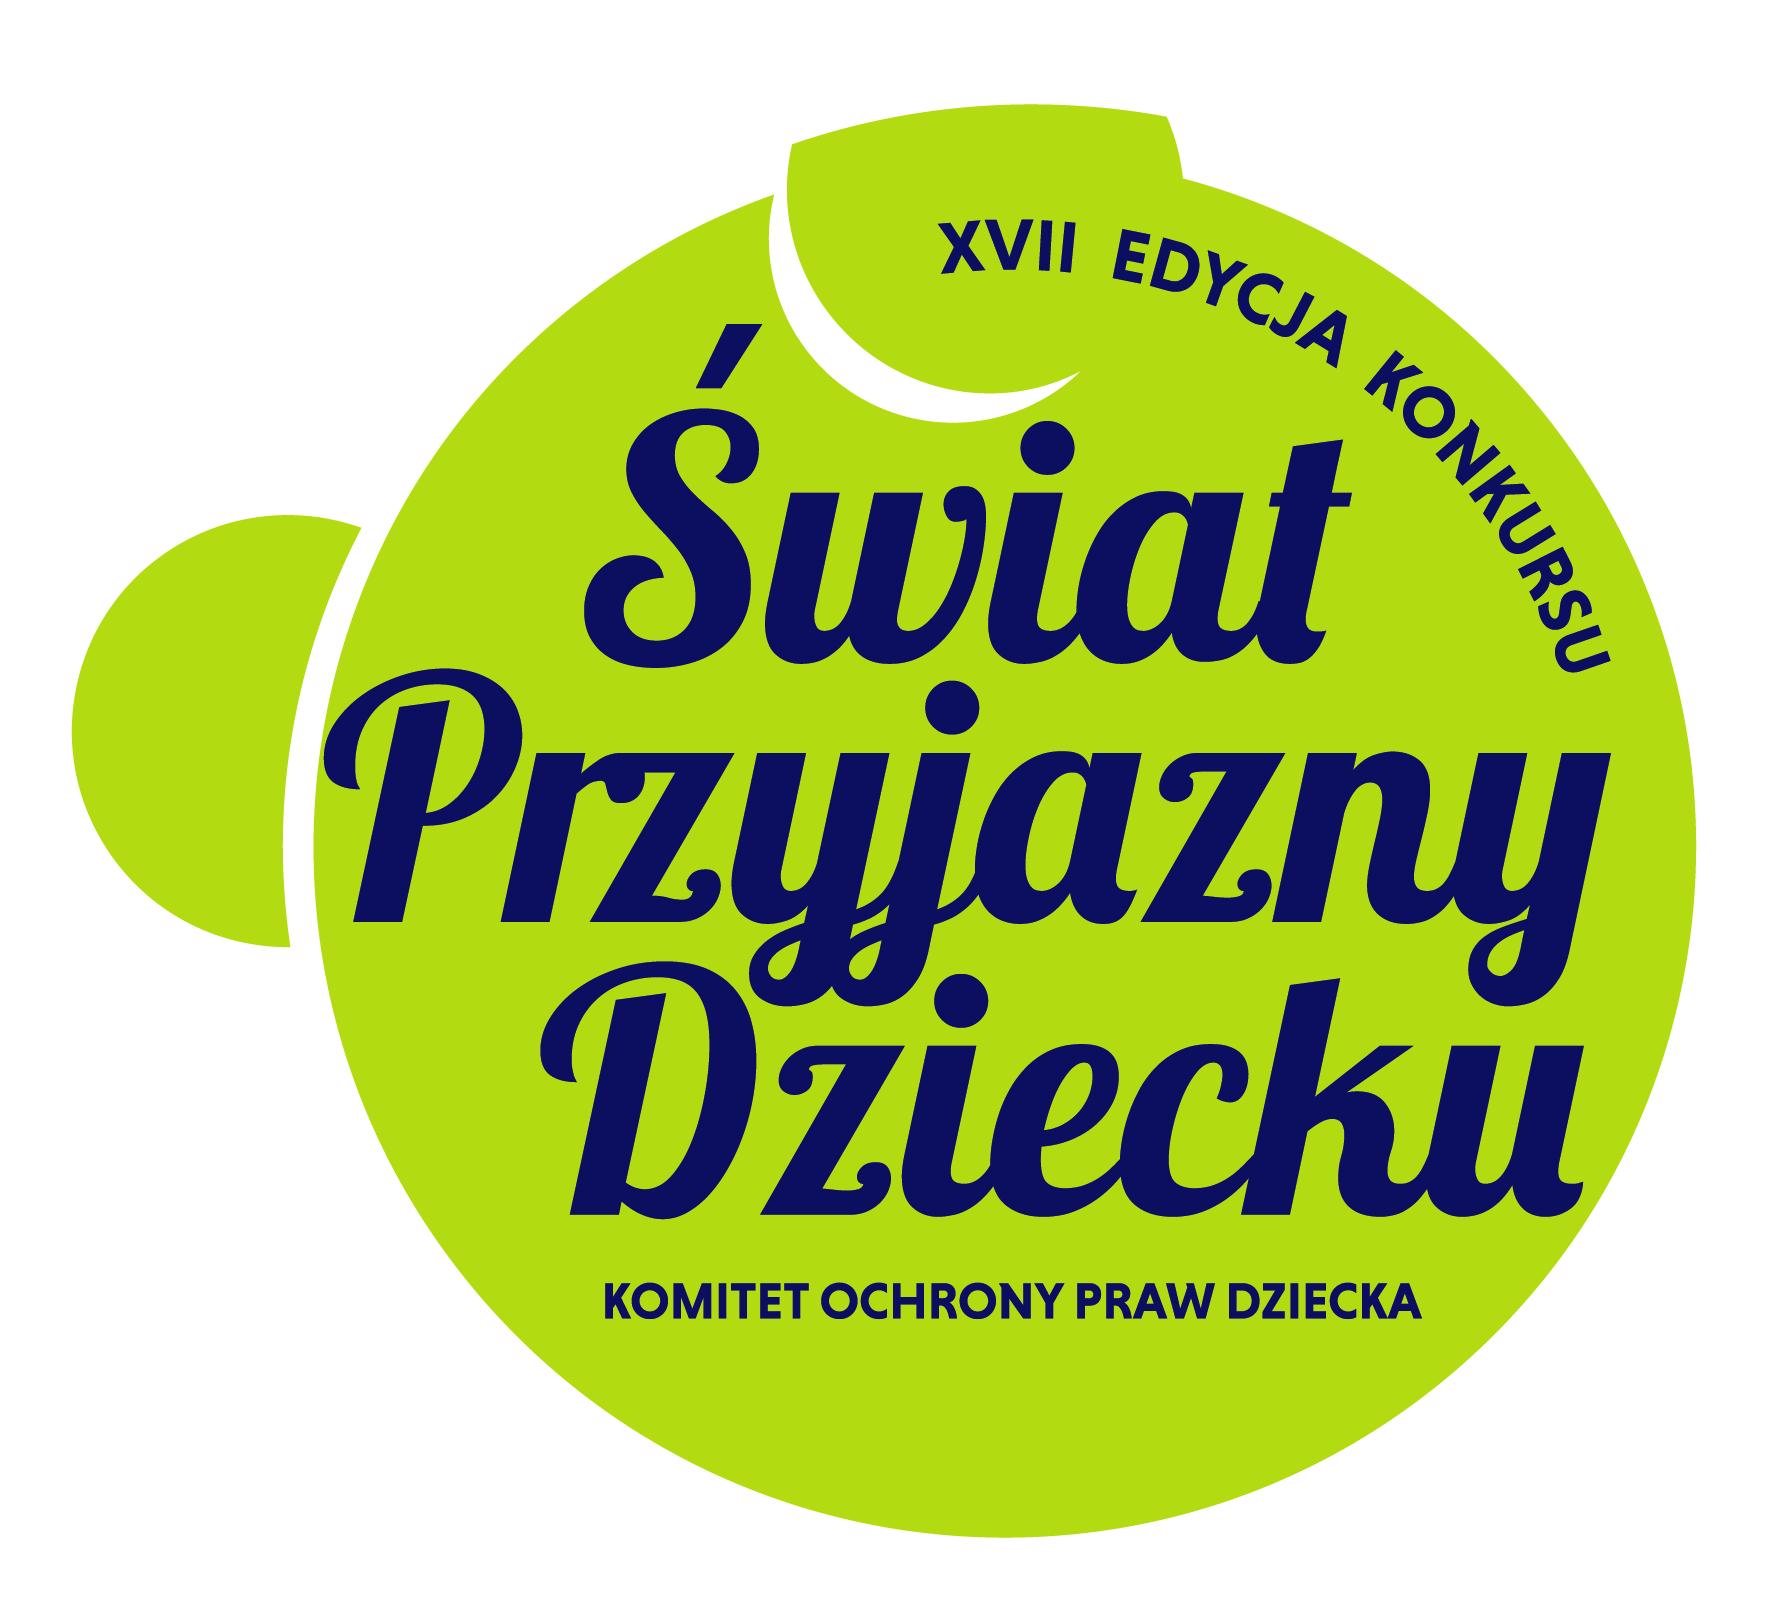 newmero award Toy of the Year 2019 Swiat Przyjasny Dziecku